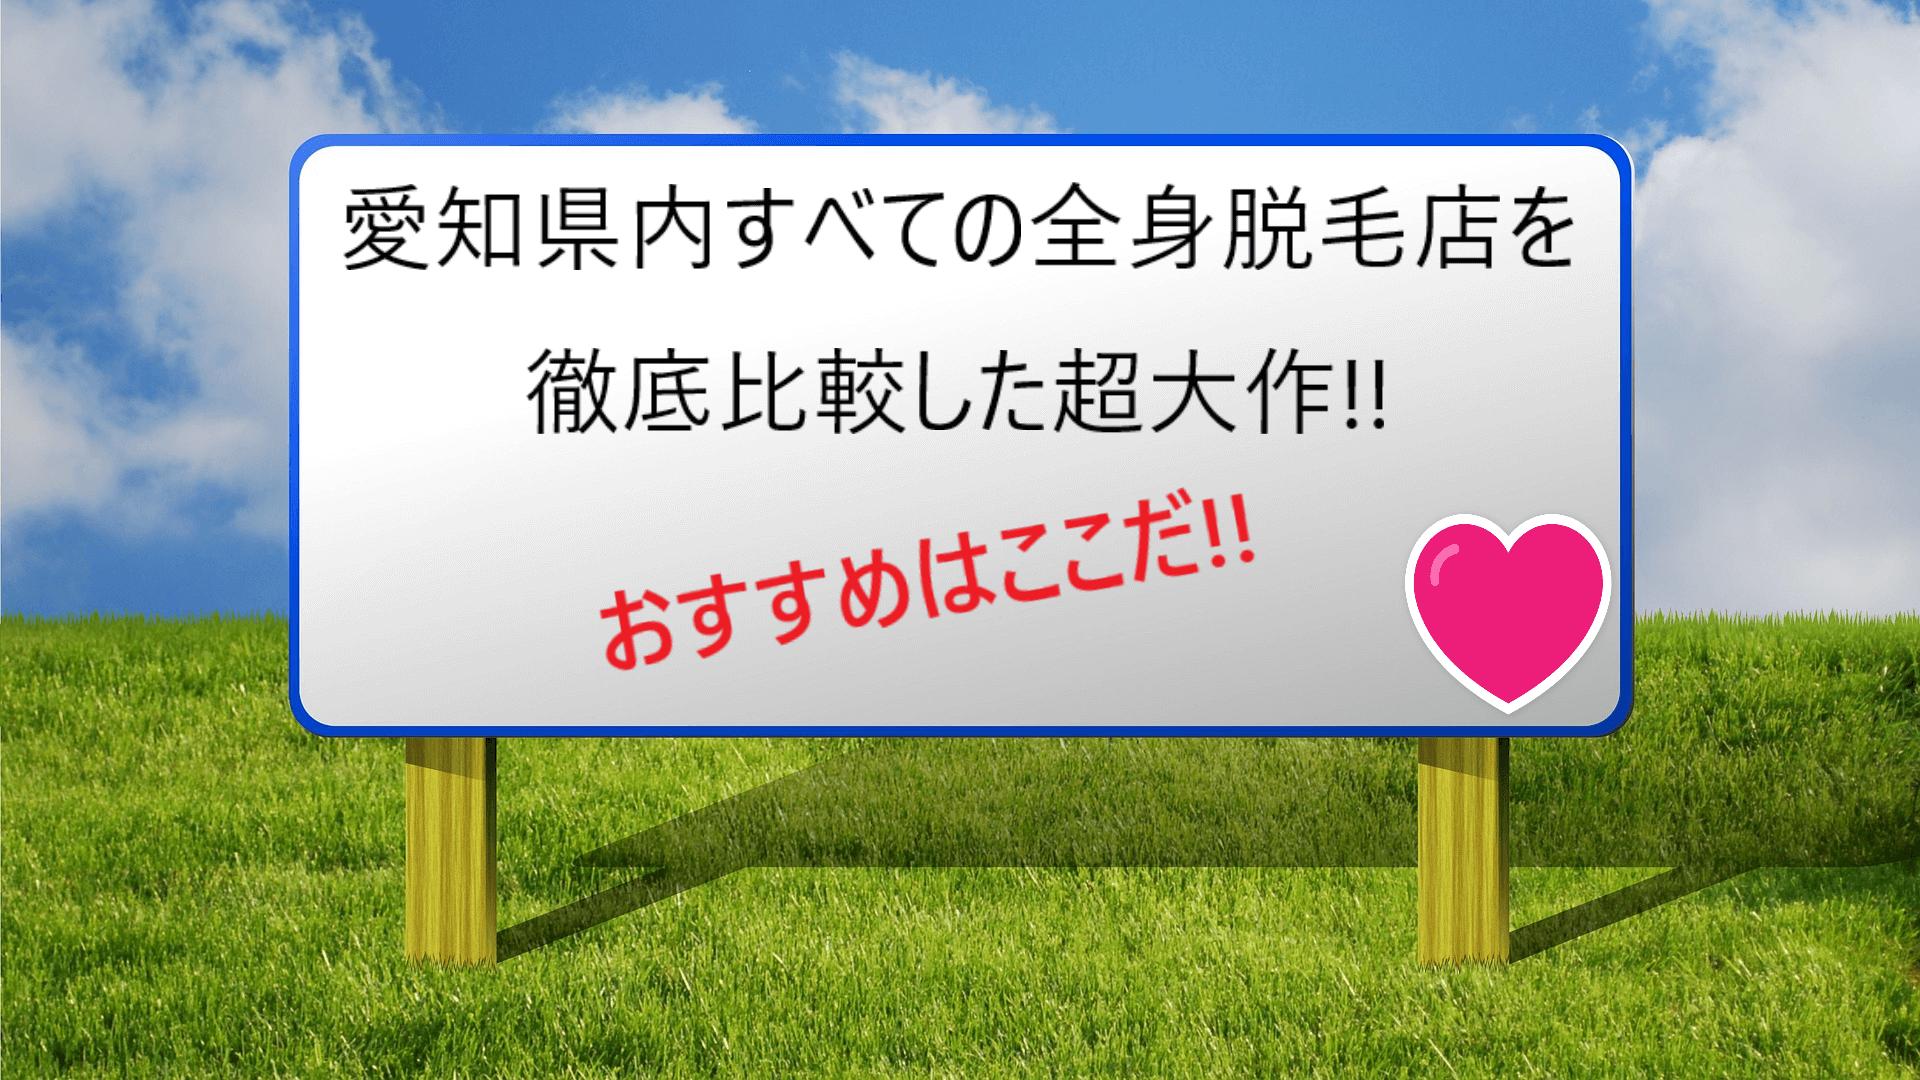 愛知県内すべての全身脱毛店を徹底比較した超大作!おすすめはここだ!と書かれたホワイトボードの画像